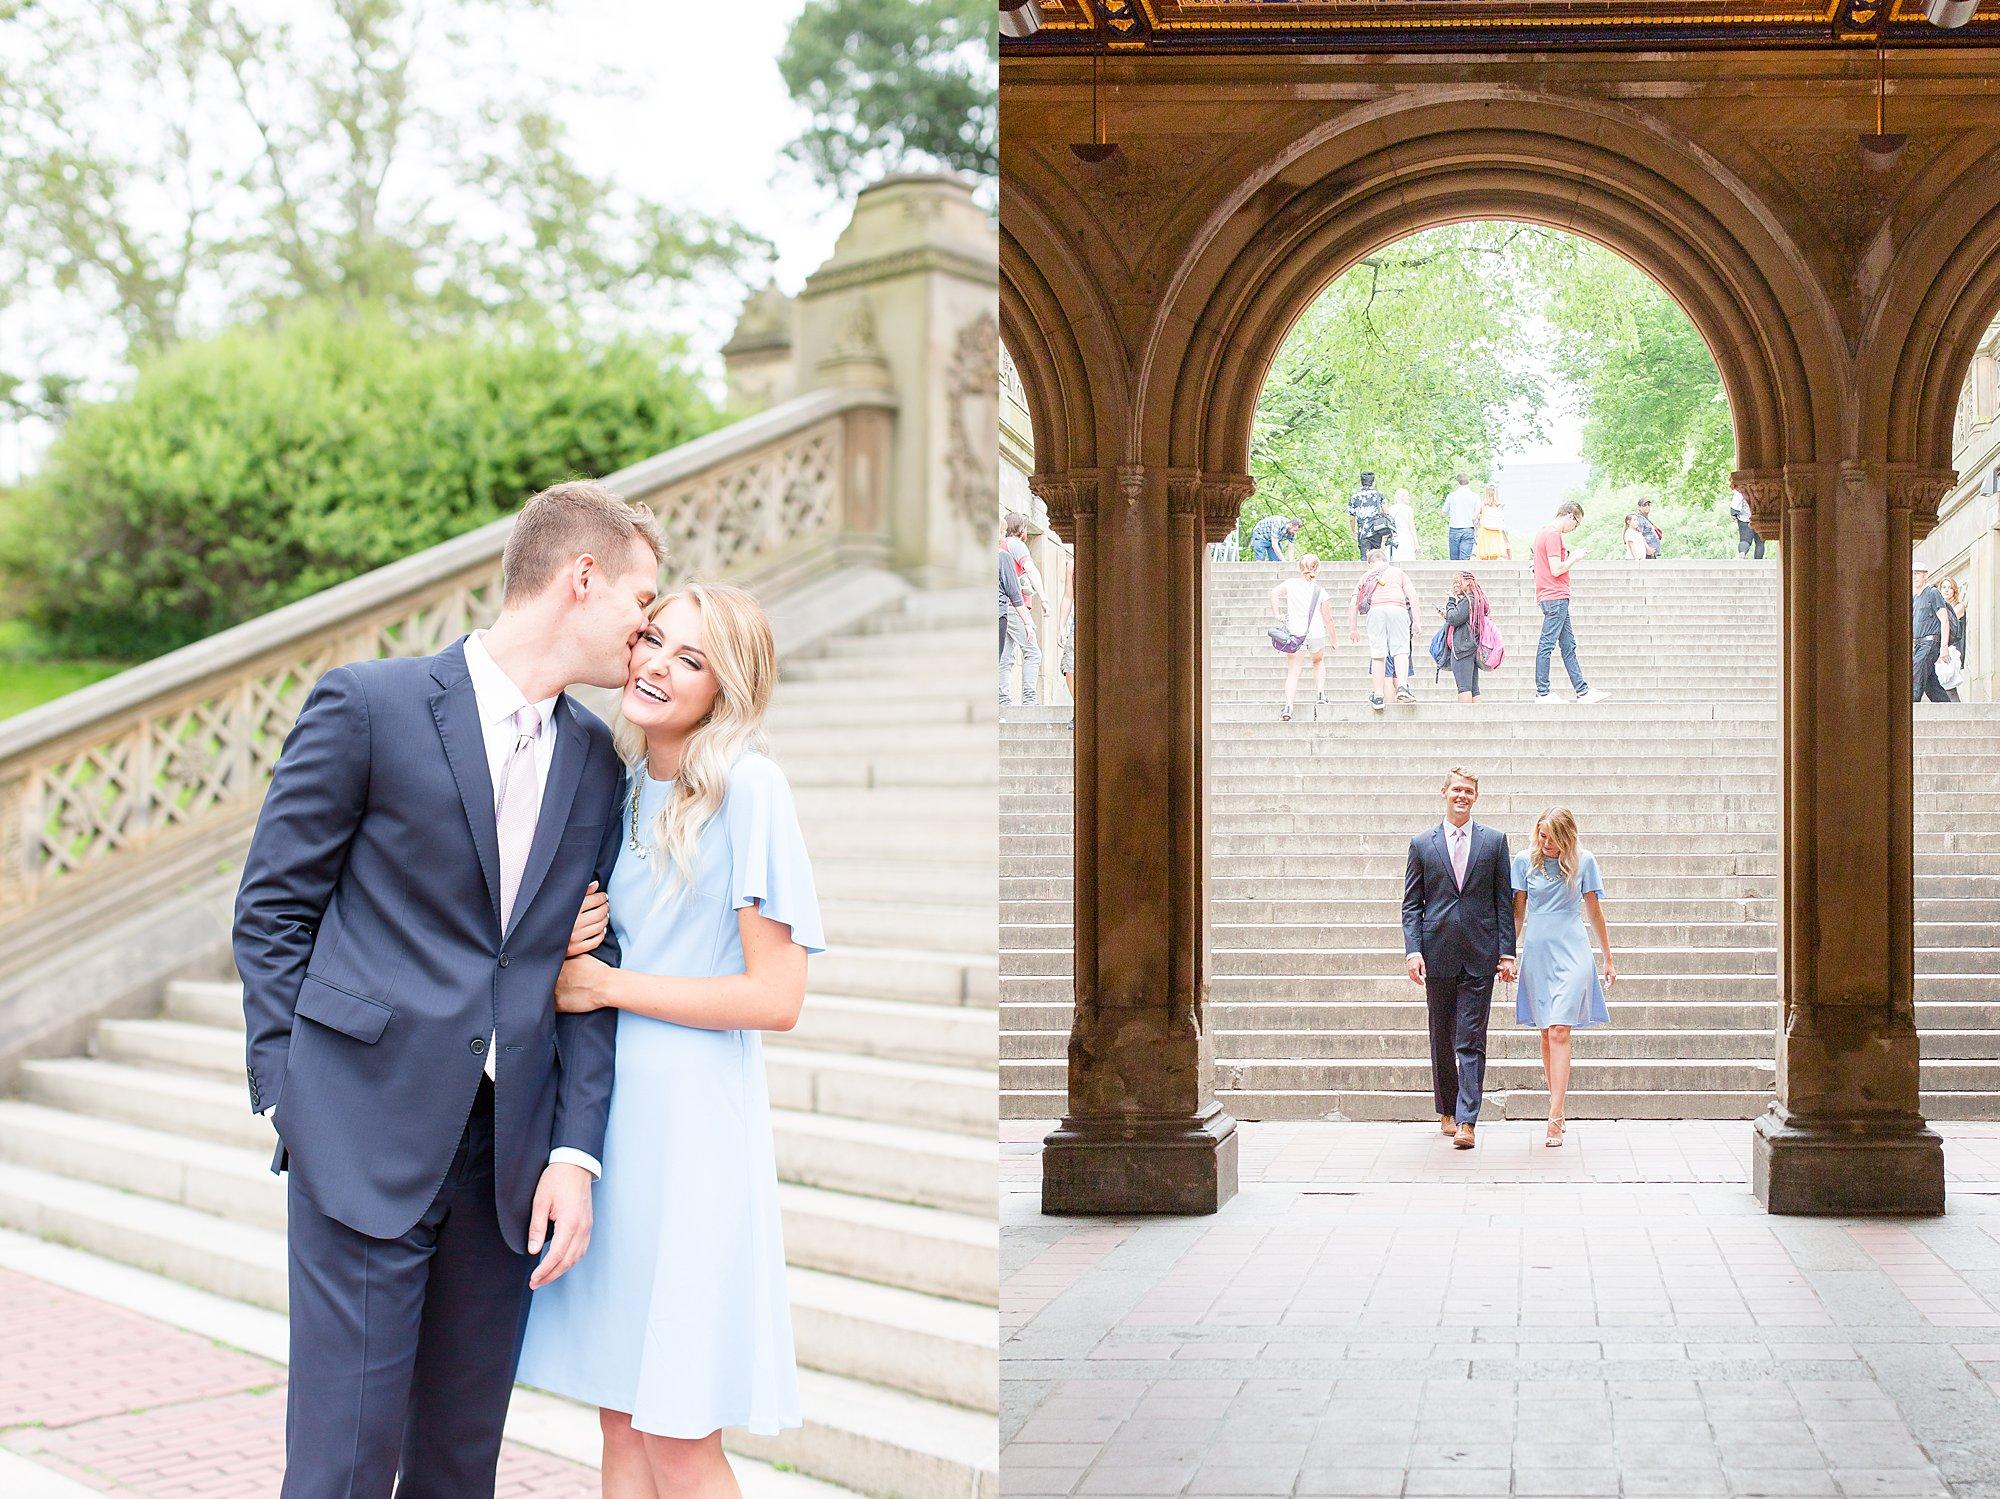 Central Park New York Engagement Session_0014.jpg